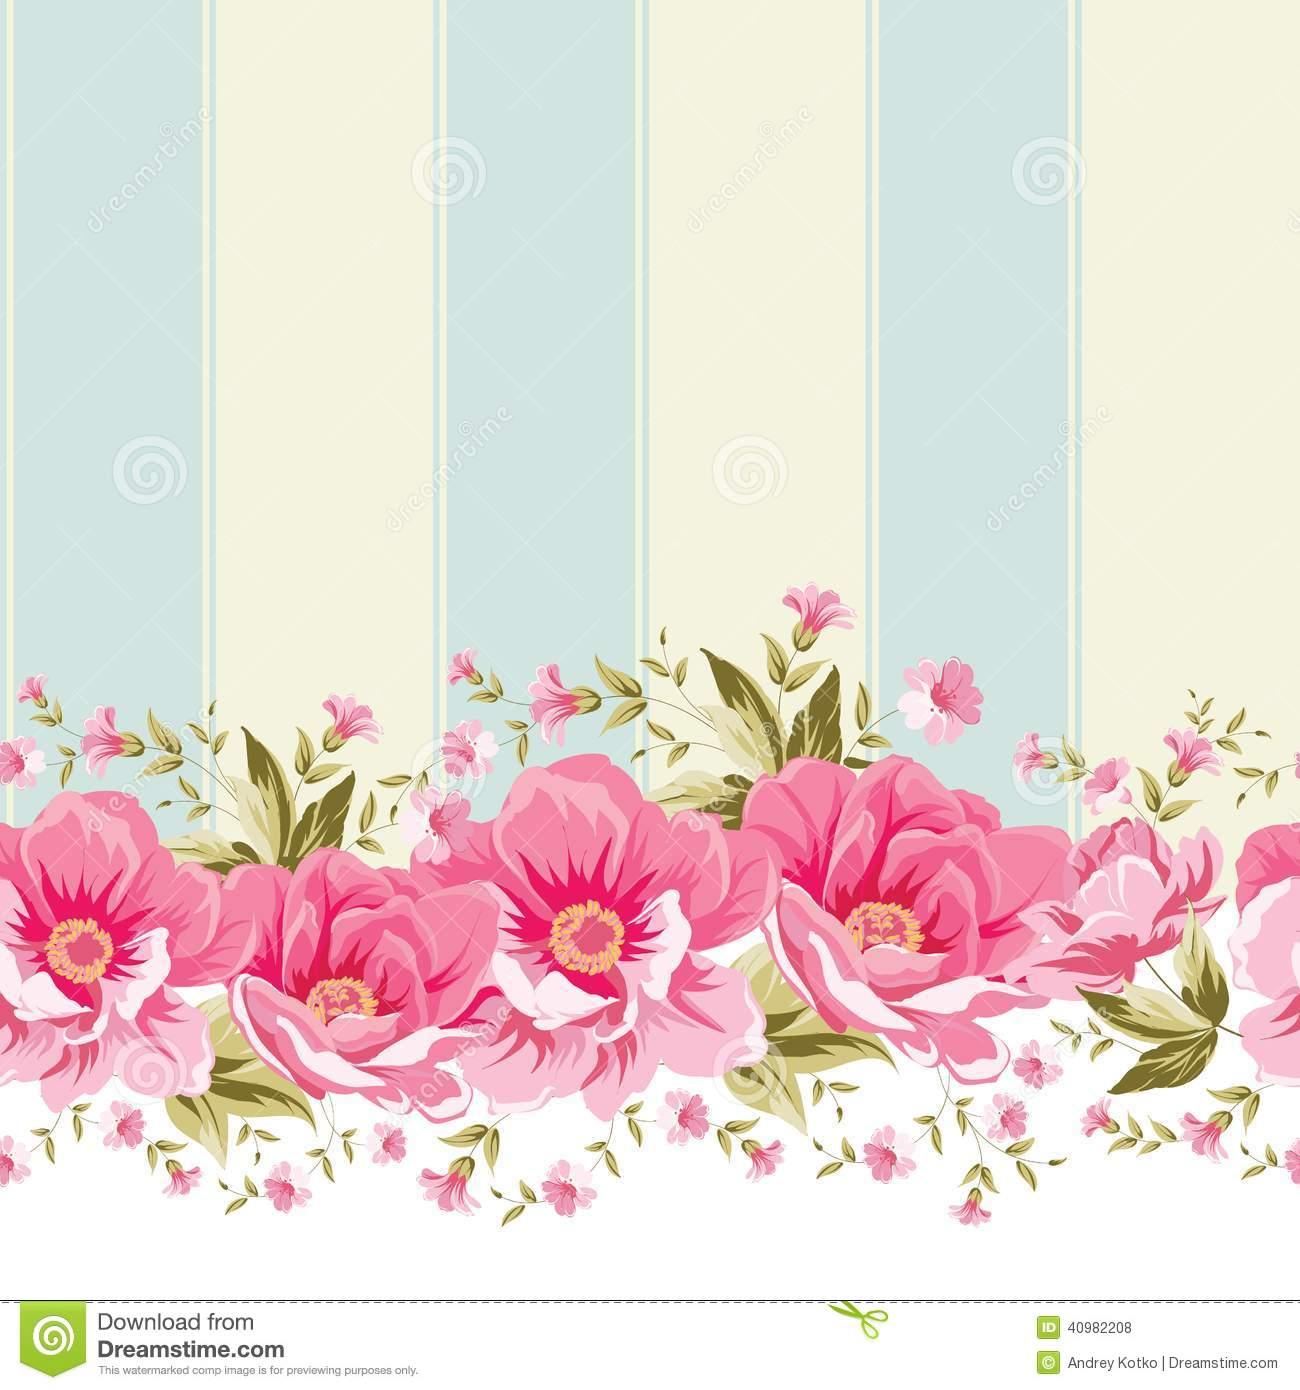 Floral clipart elegant flower Ornate border tile flower Elegant